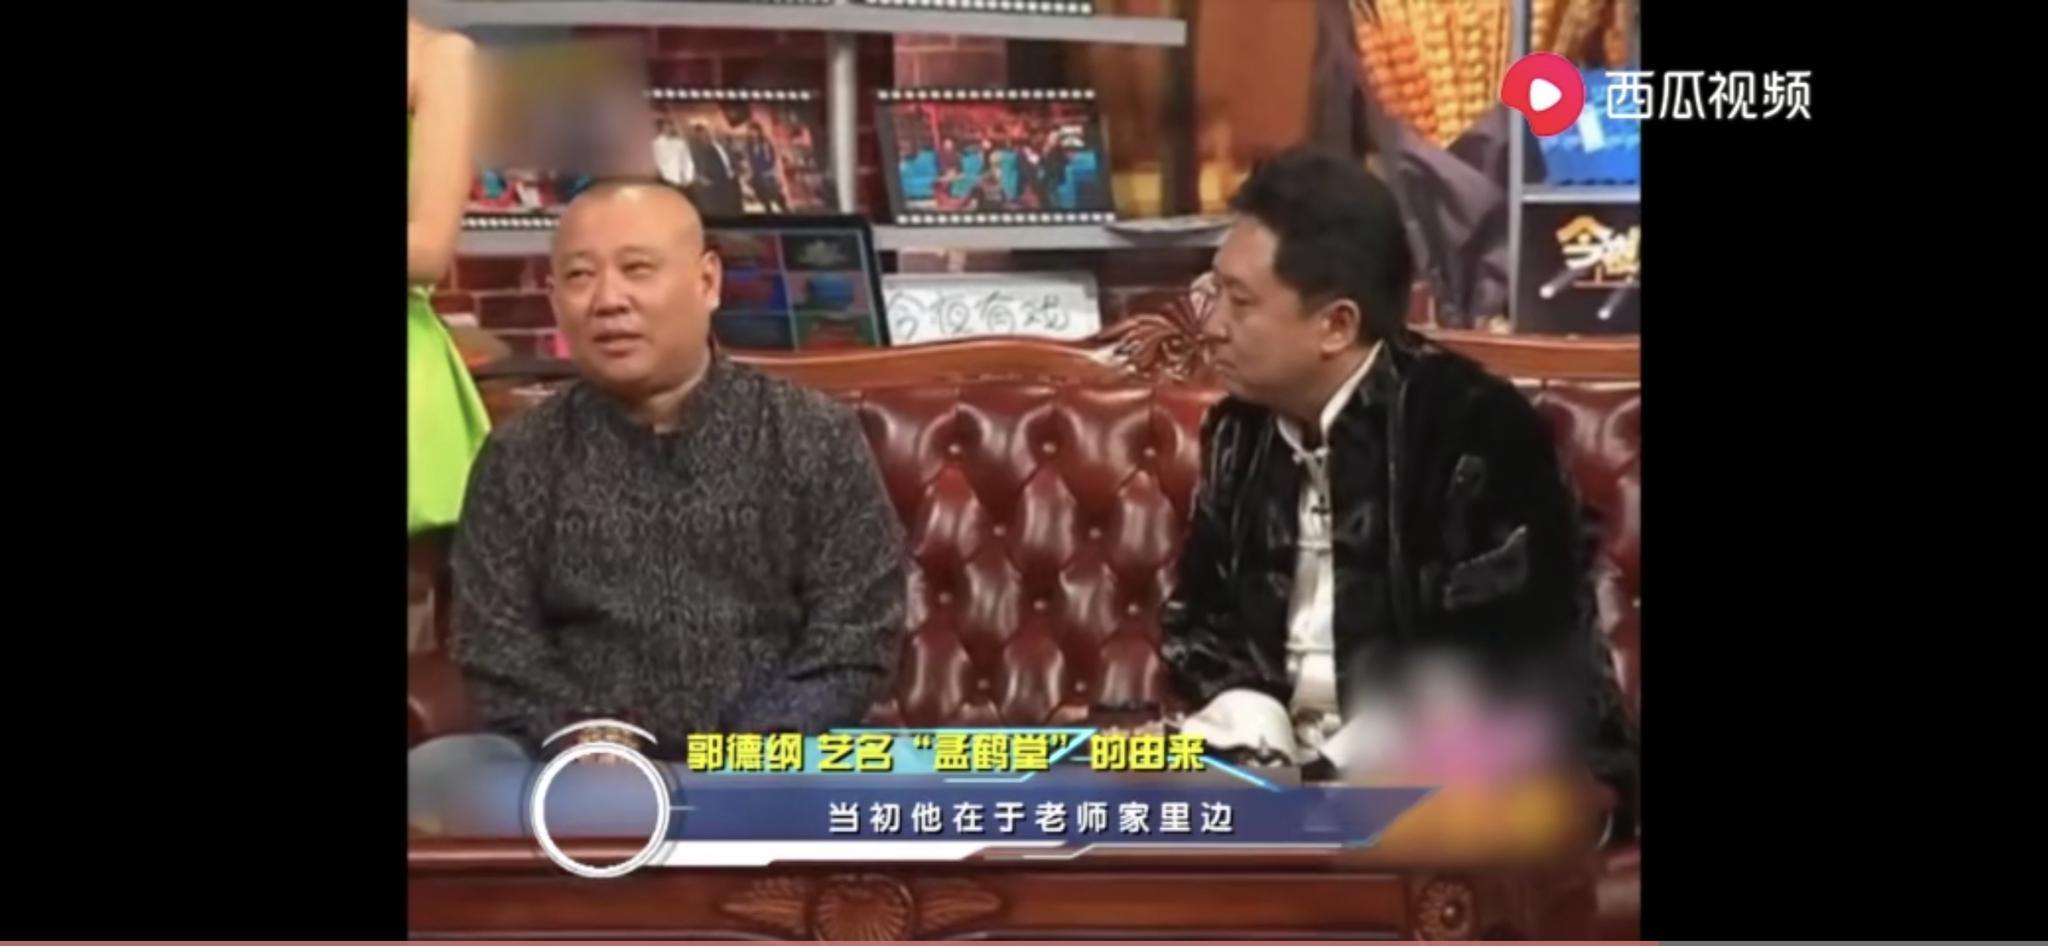 孟鹤堂名字由来,德云社有一位当红名人,也是郭德纲最近两年力捧